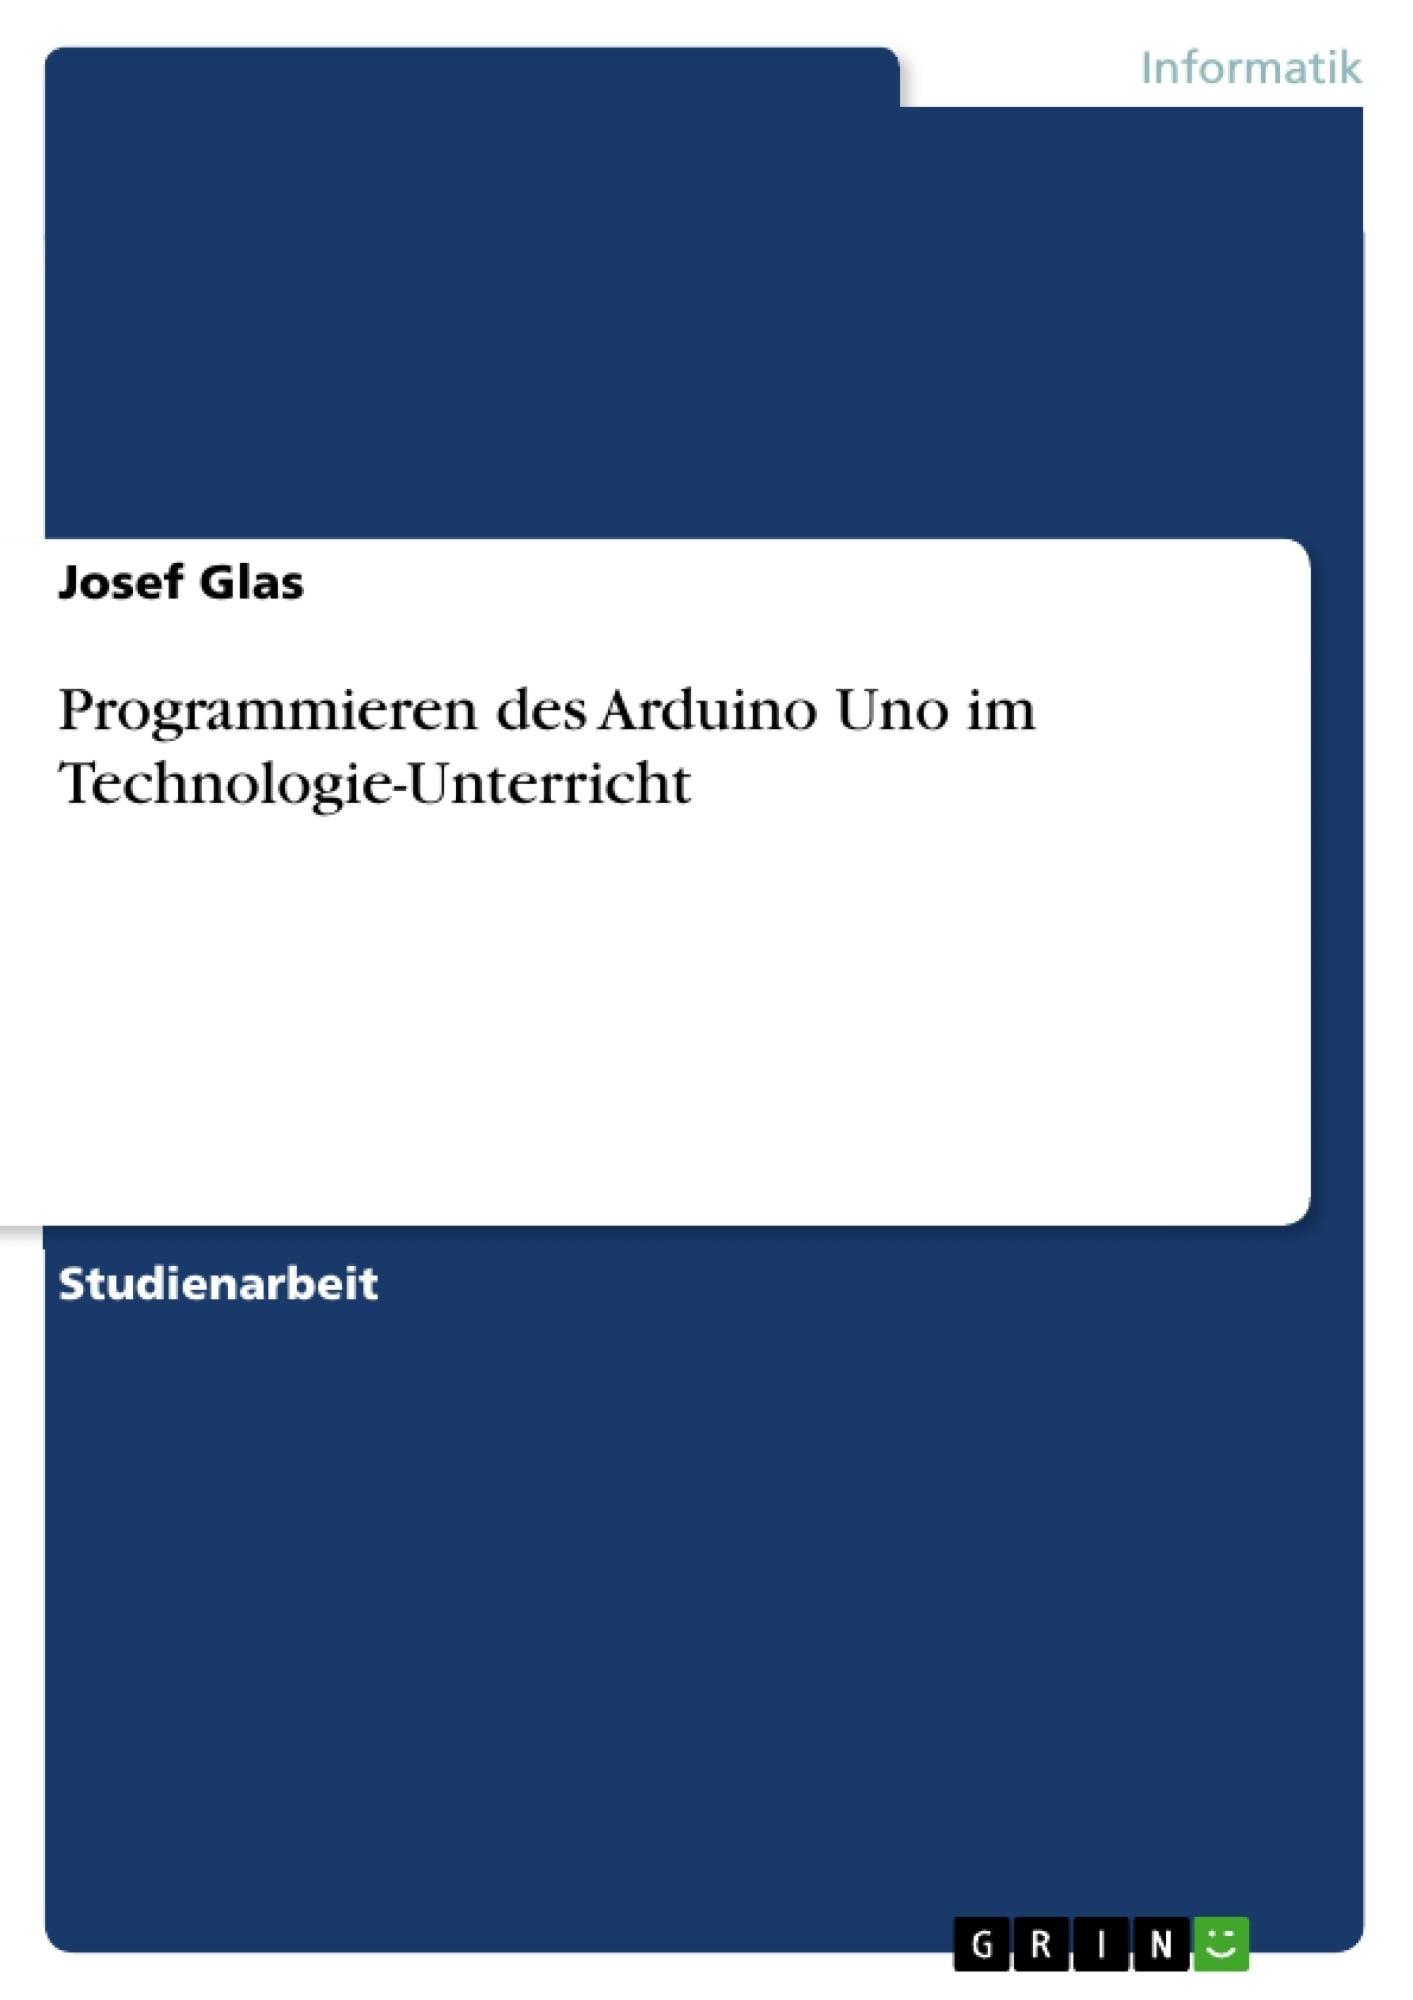 Titel: Programmieren des Arduino Uno im Technologie-Unterricht